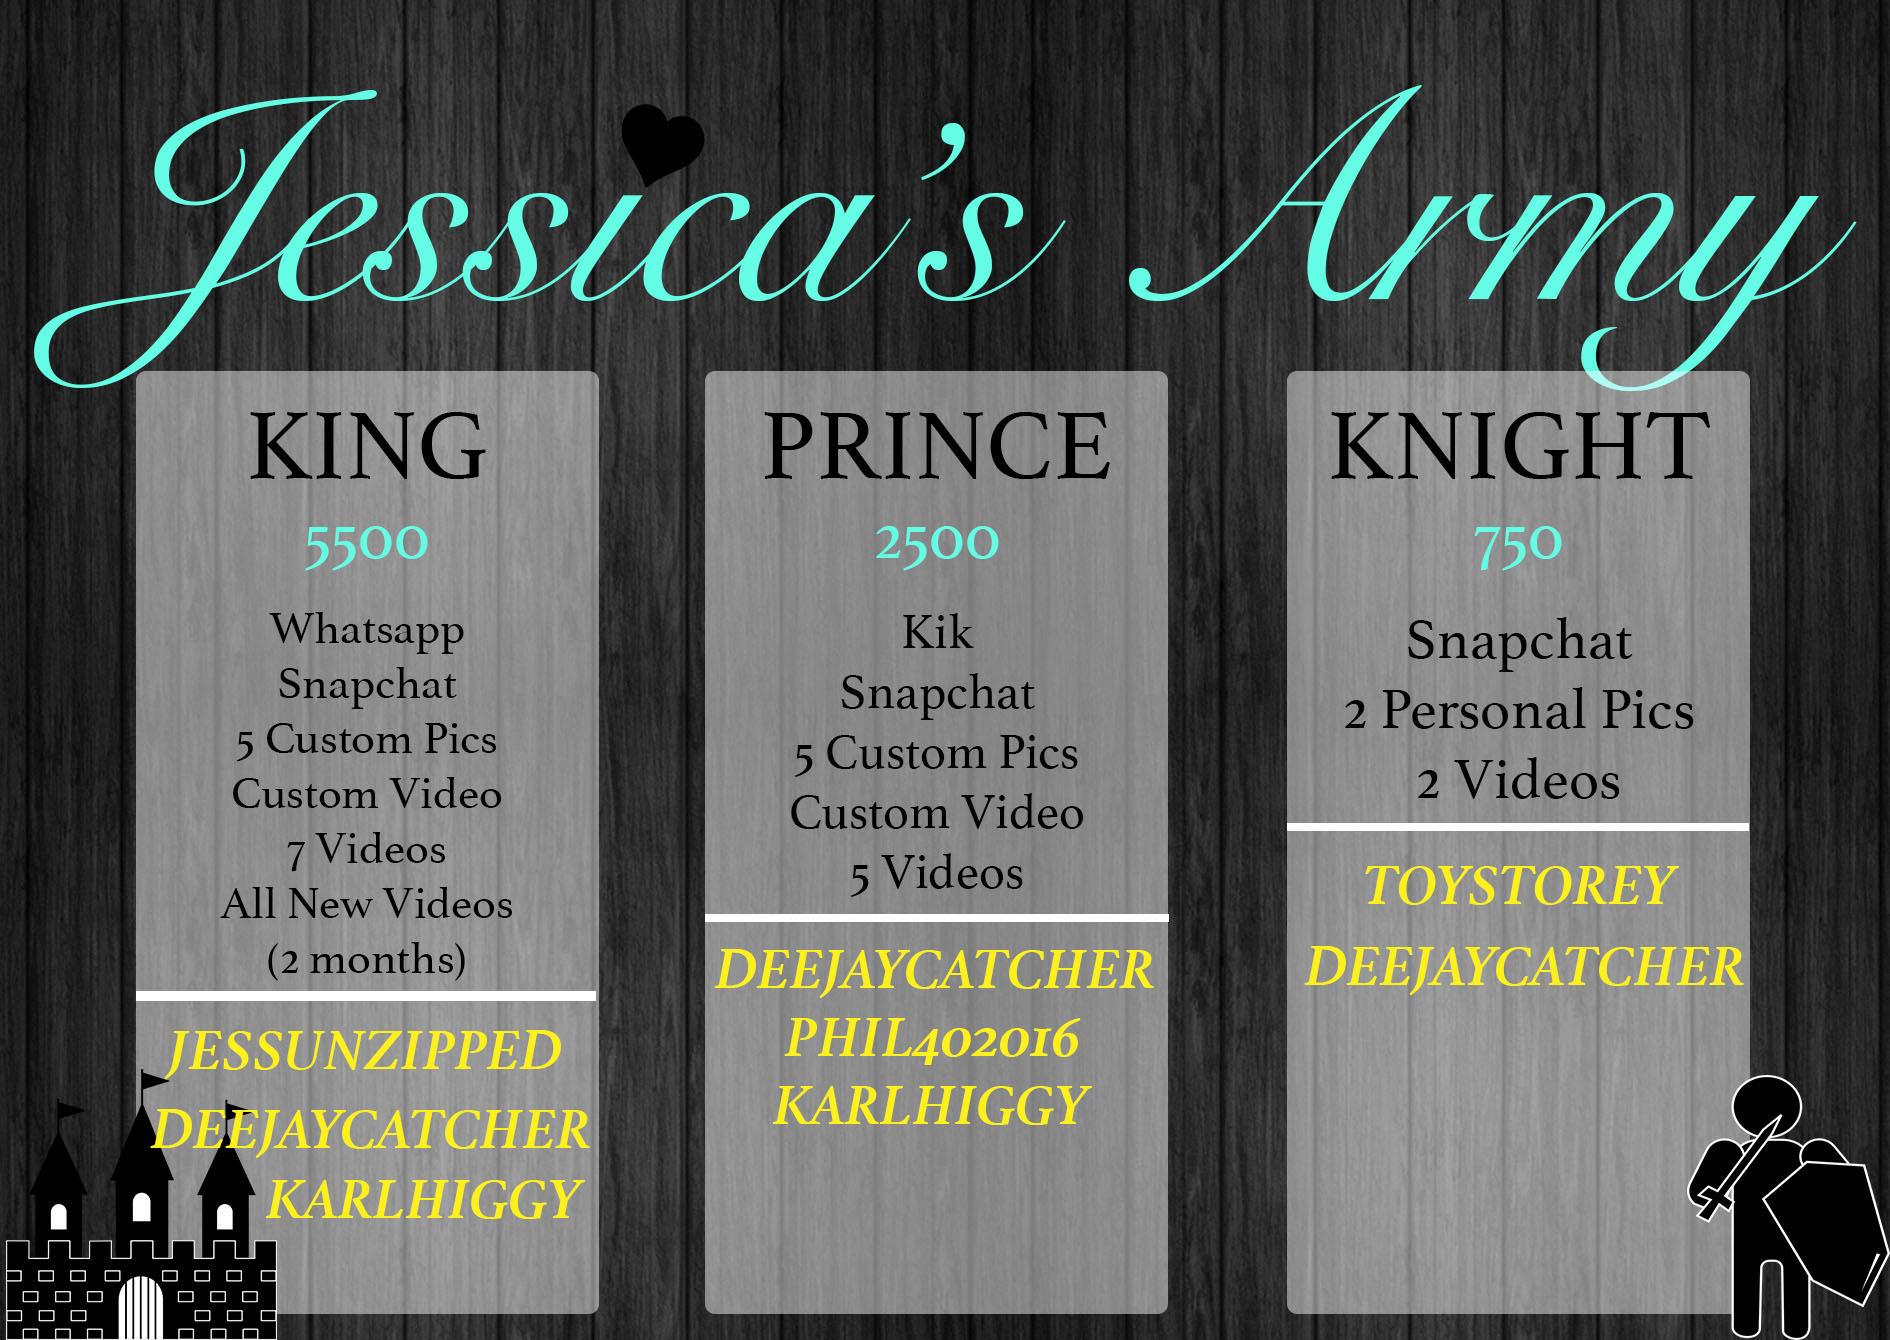 jessicas army copyright